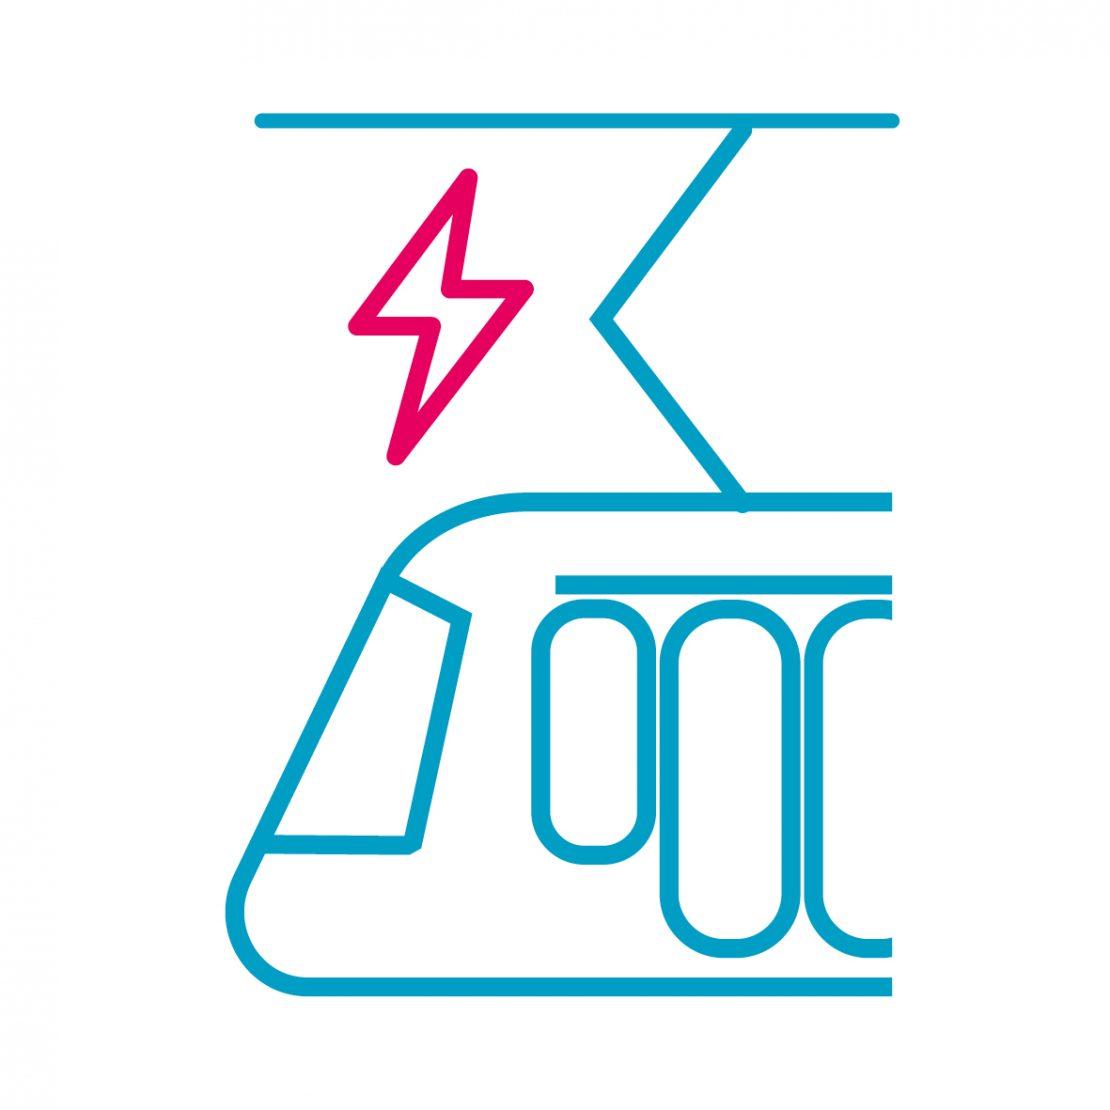 Entre les lignes électriques et le tram, le courant passe